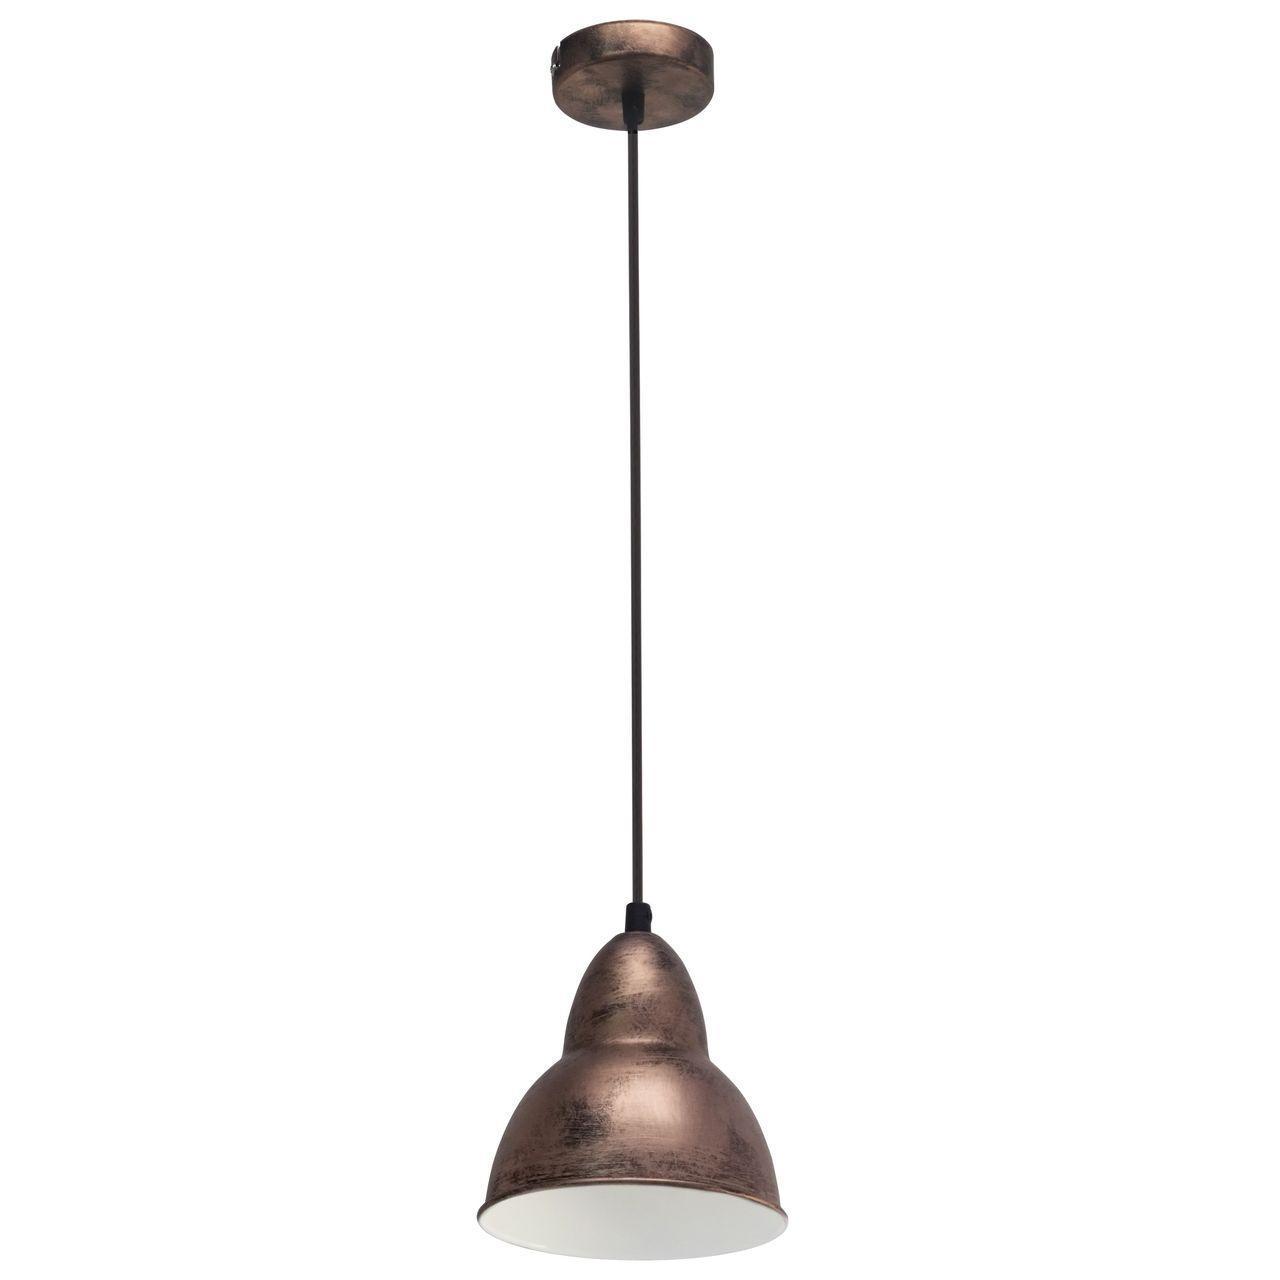 Подвесной светильник Eglo Vintage 49235 подвесной светильник eglo vintage 49212